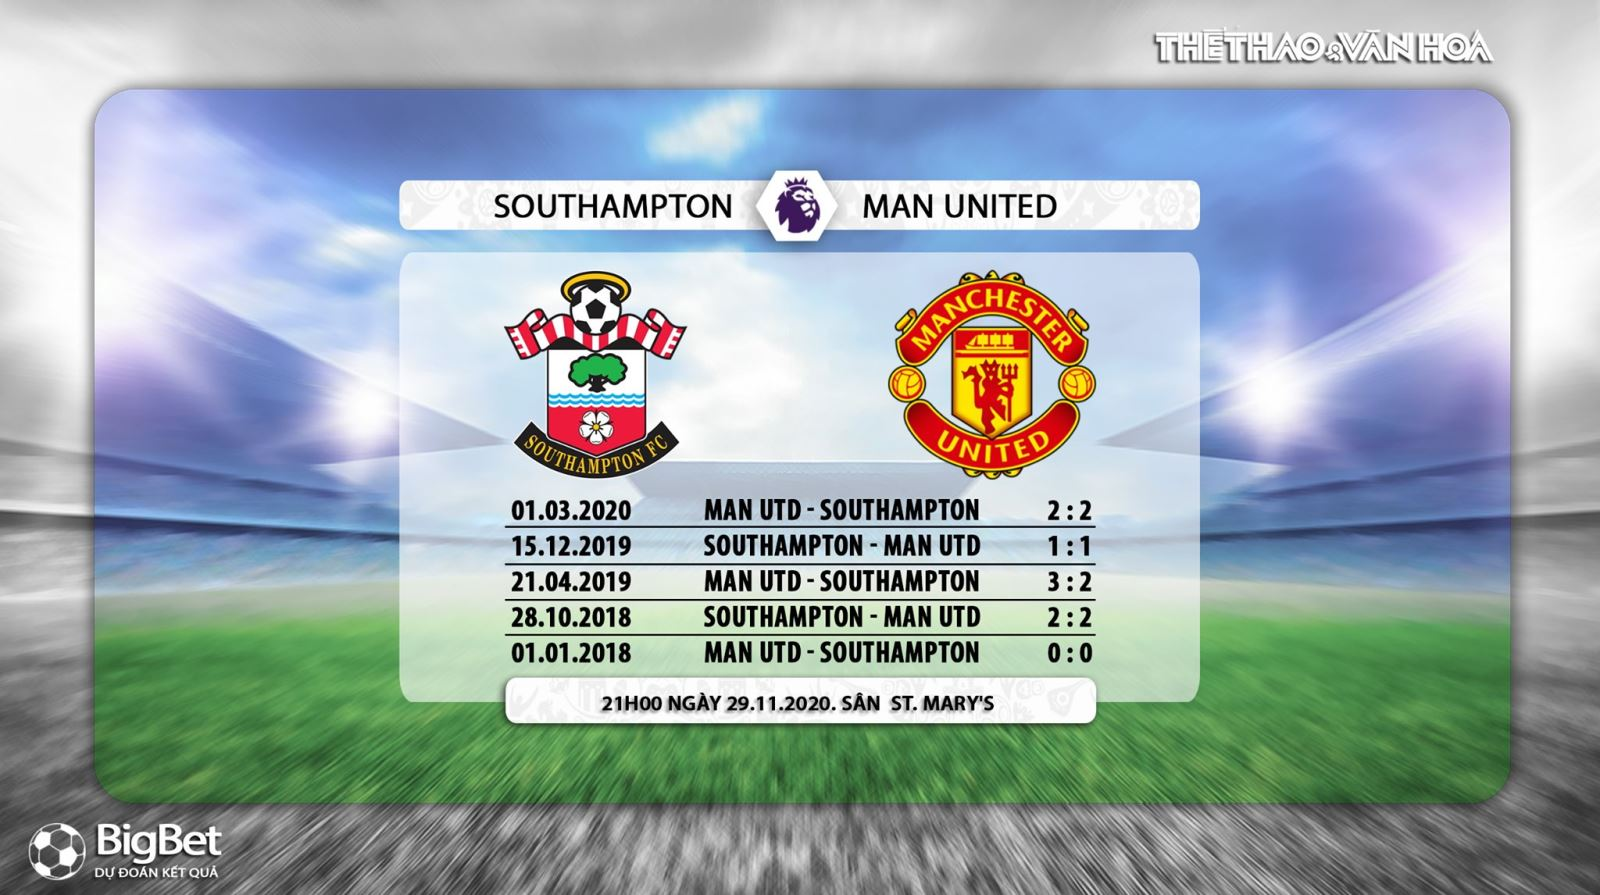 Truc tiep bong da, K+PM, Southampton vs MU. Link xem trực tiếp Ngoại hạng Anh, xem trực tuyến bóng đá MU đấu với Southampton, trực tiếp MU, MU vs Southampton, xem MU